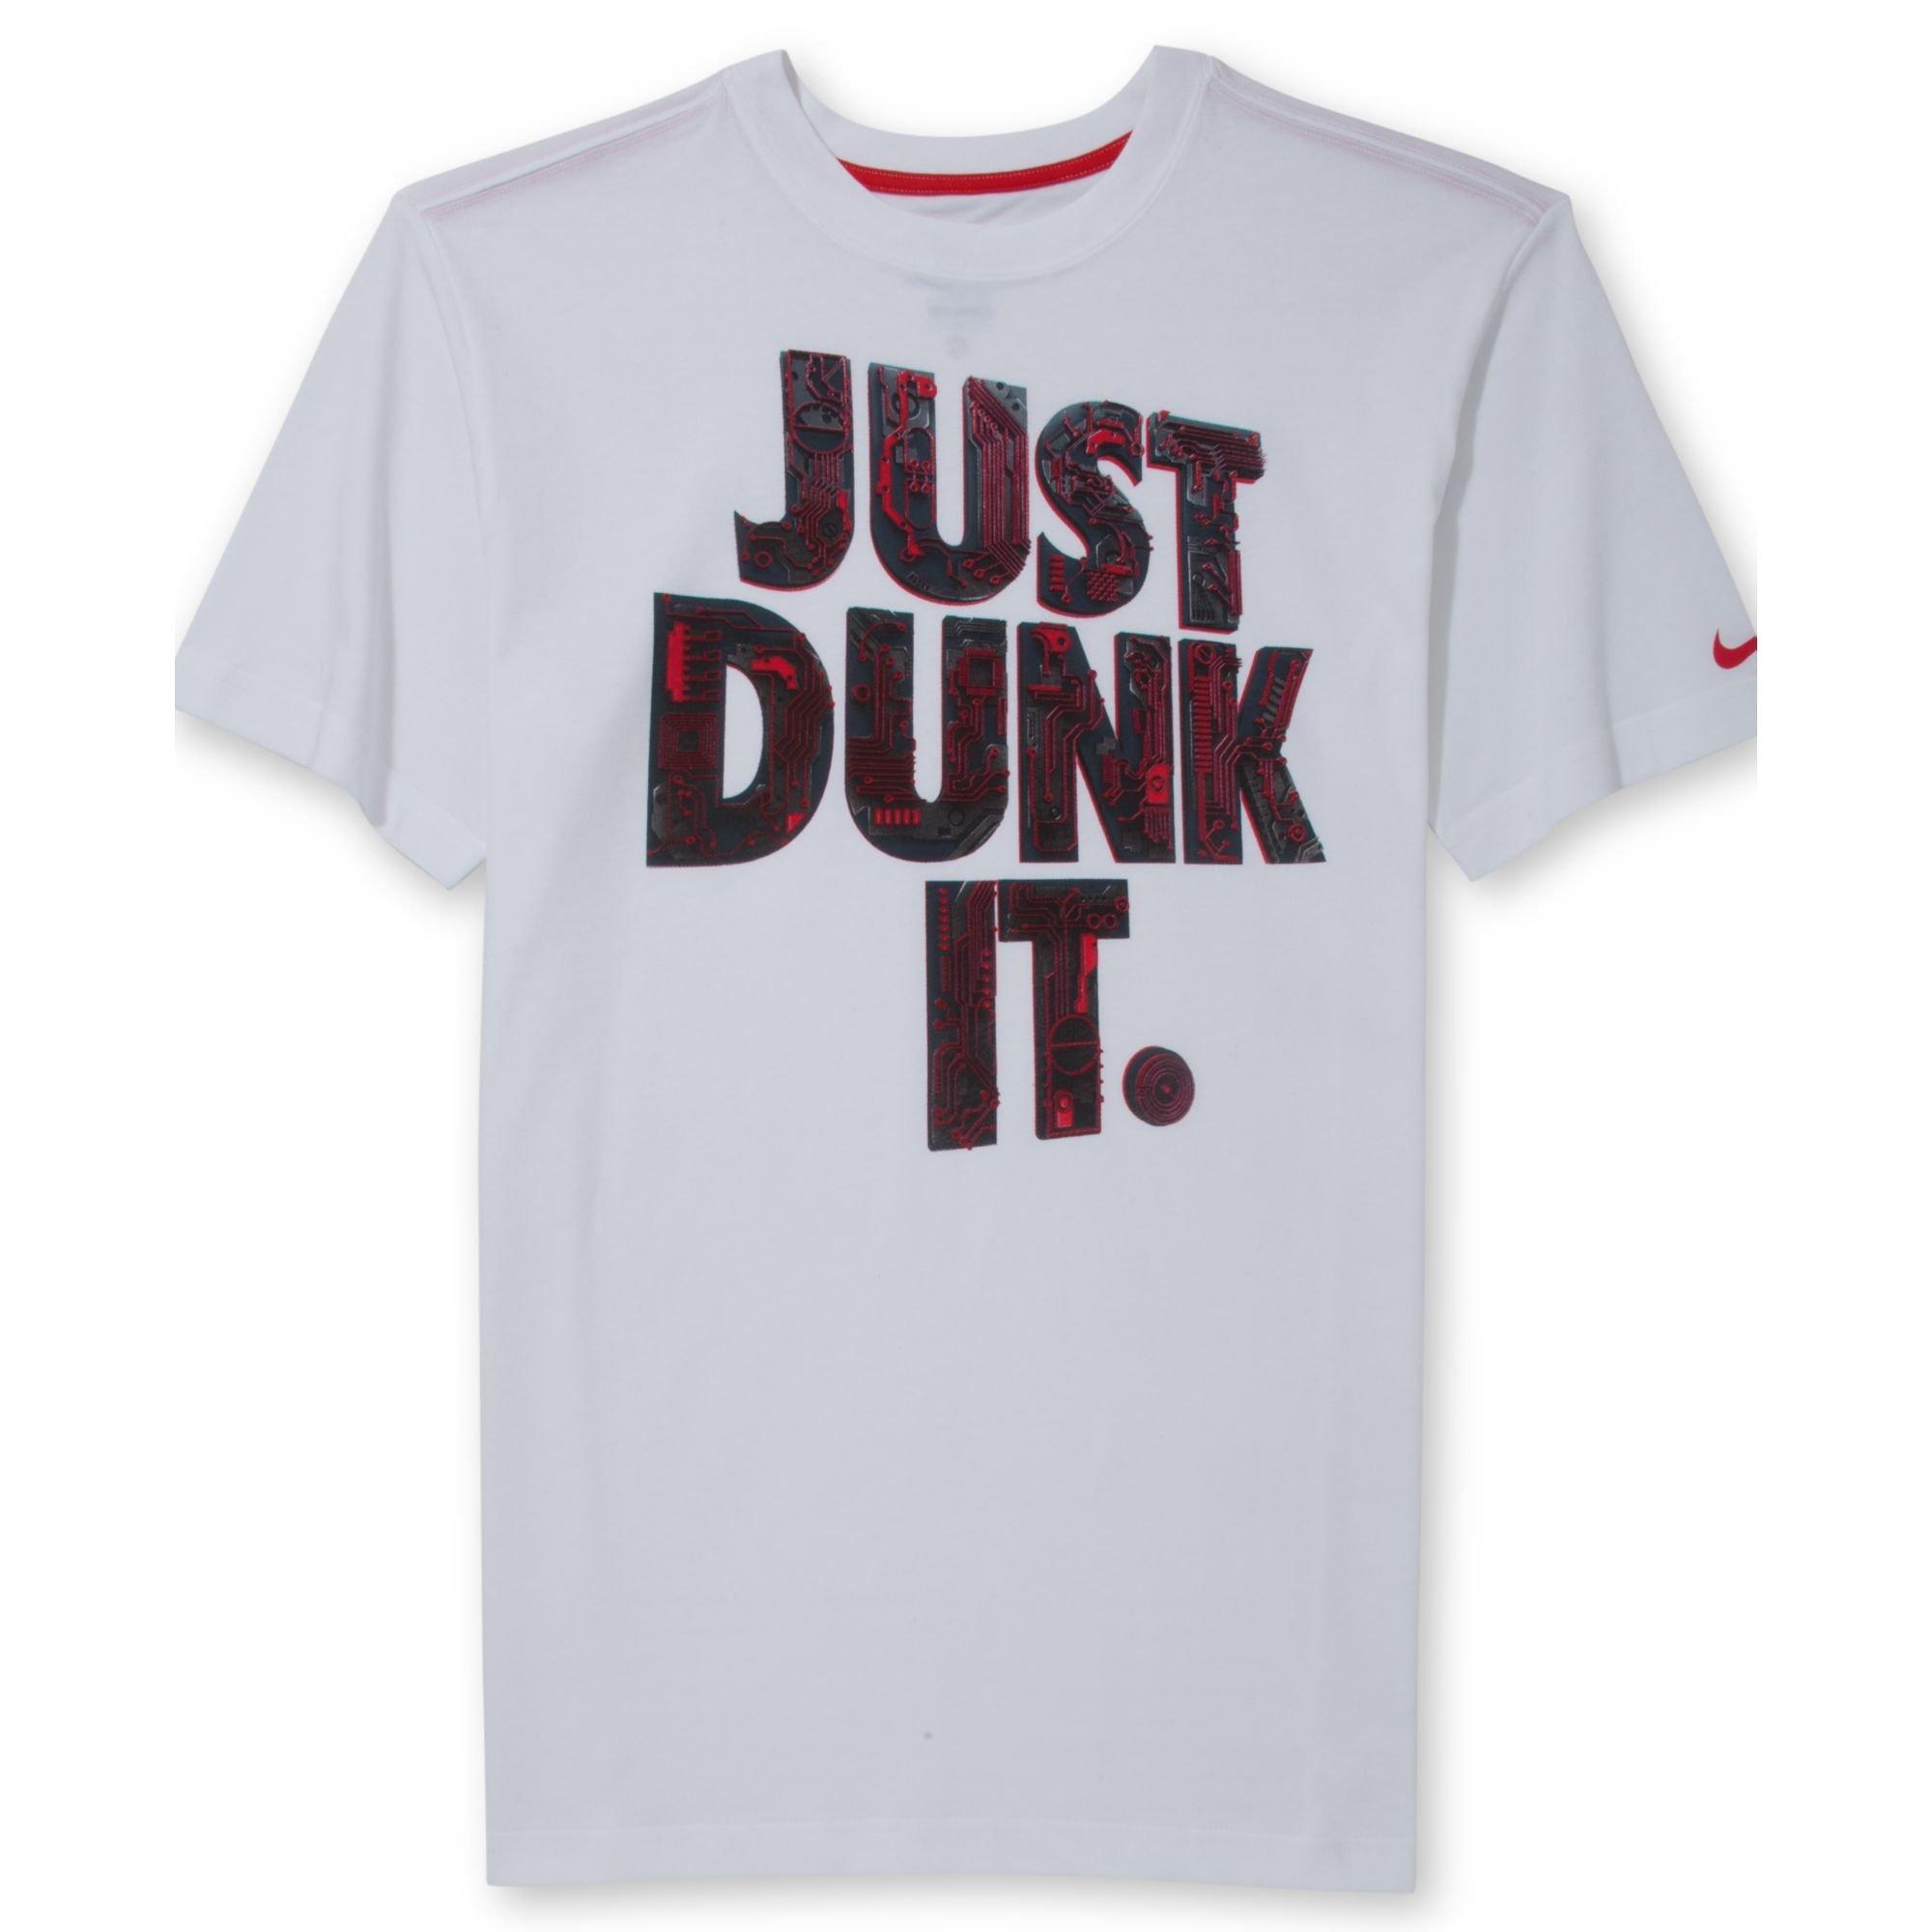 i basketball nike shirt